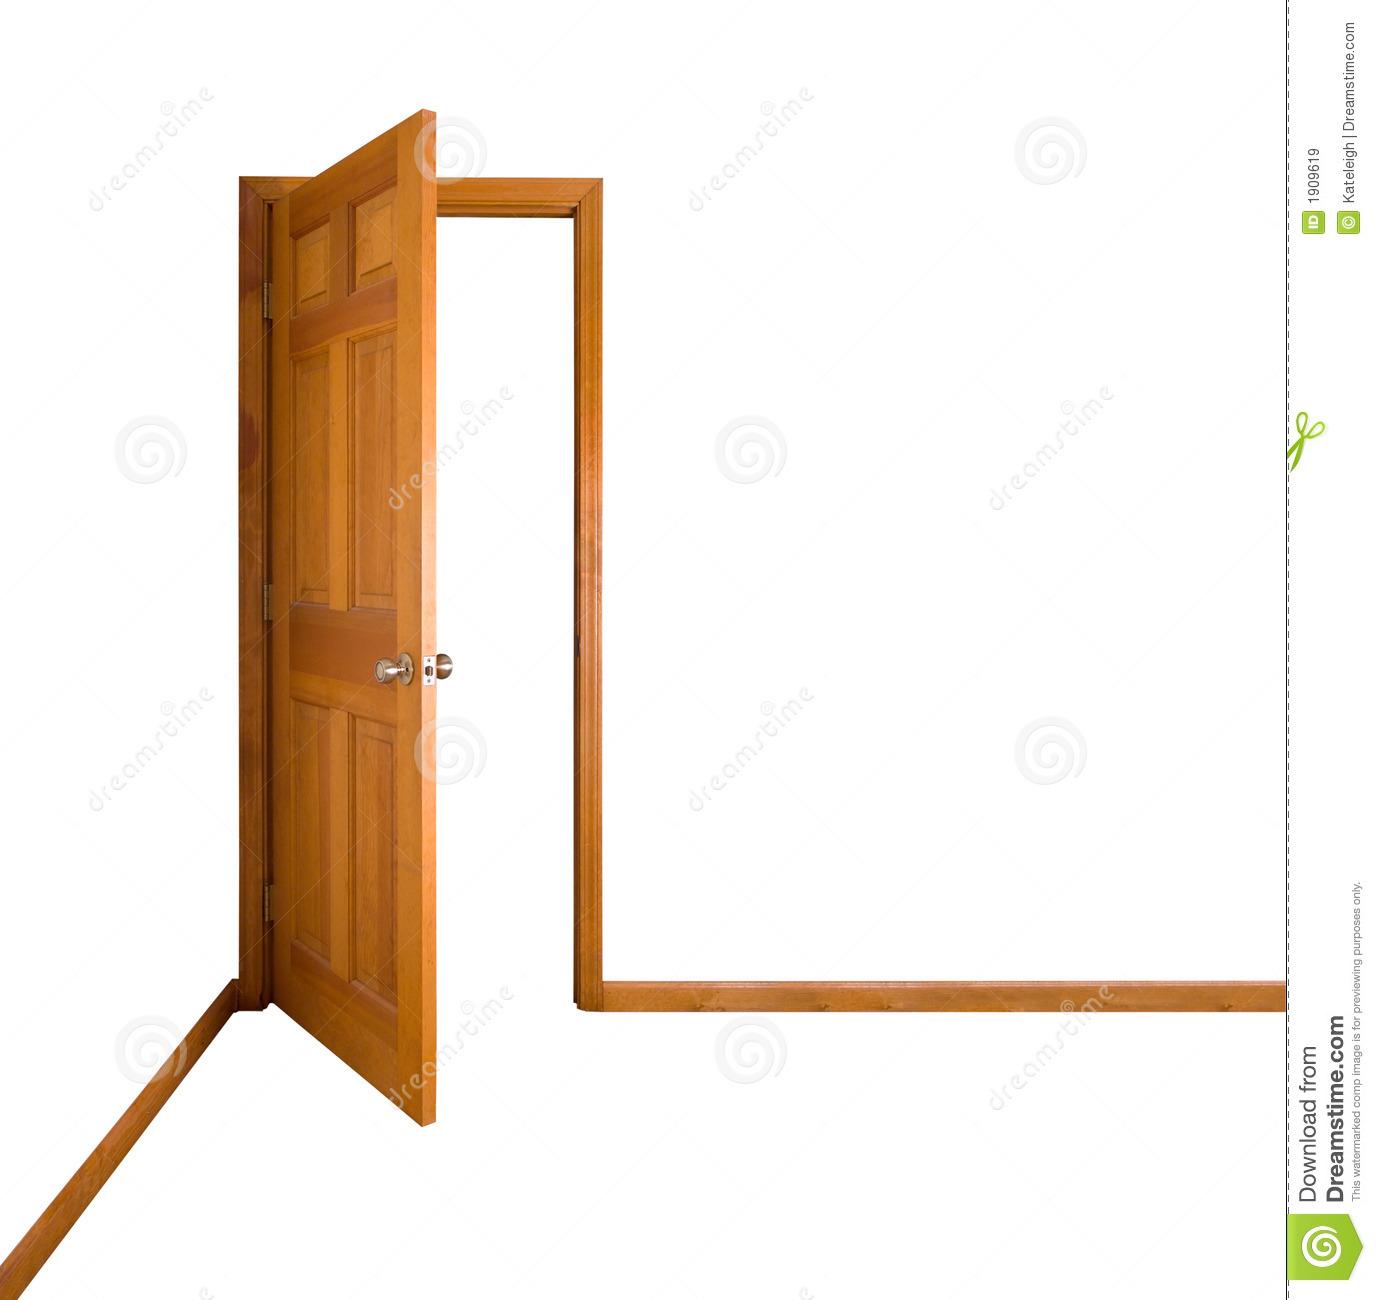 Door clipart door frame #9